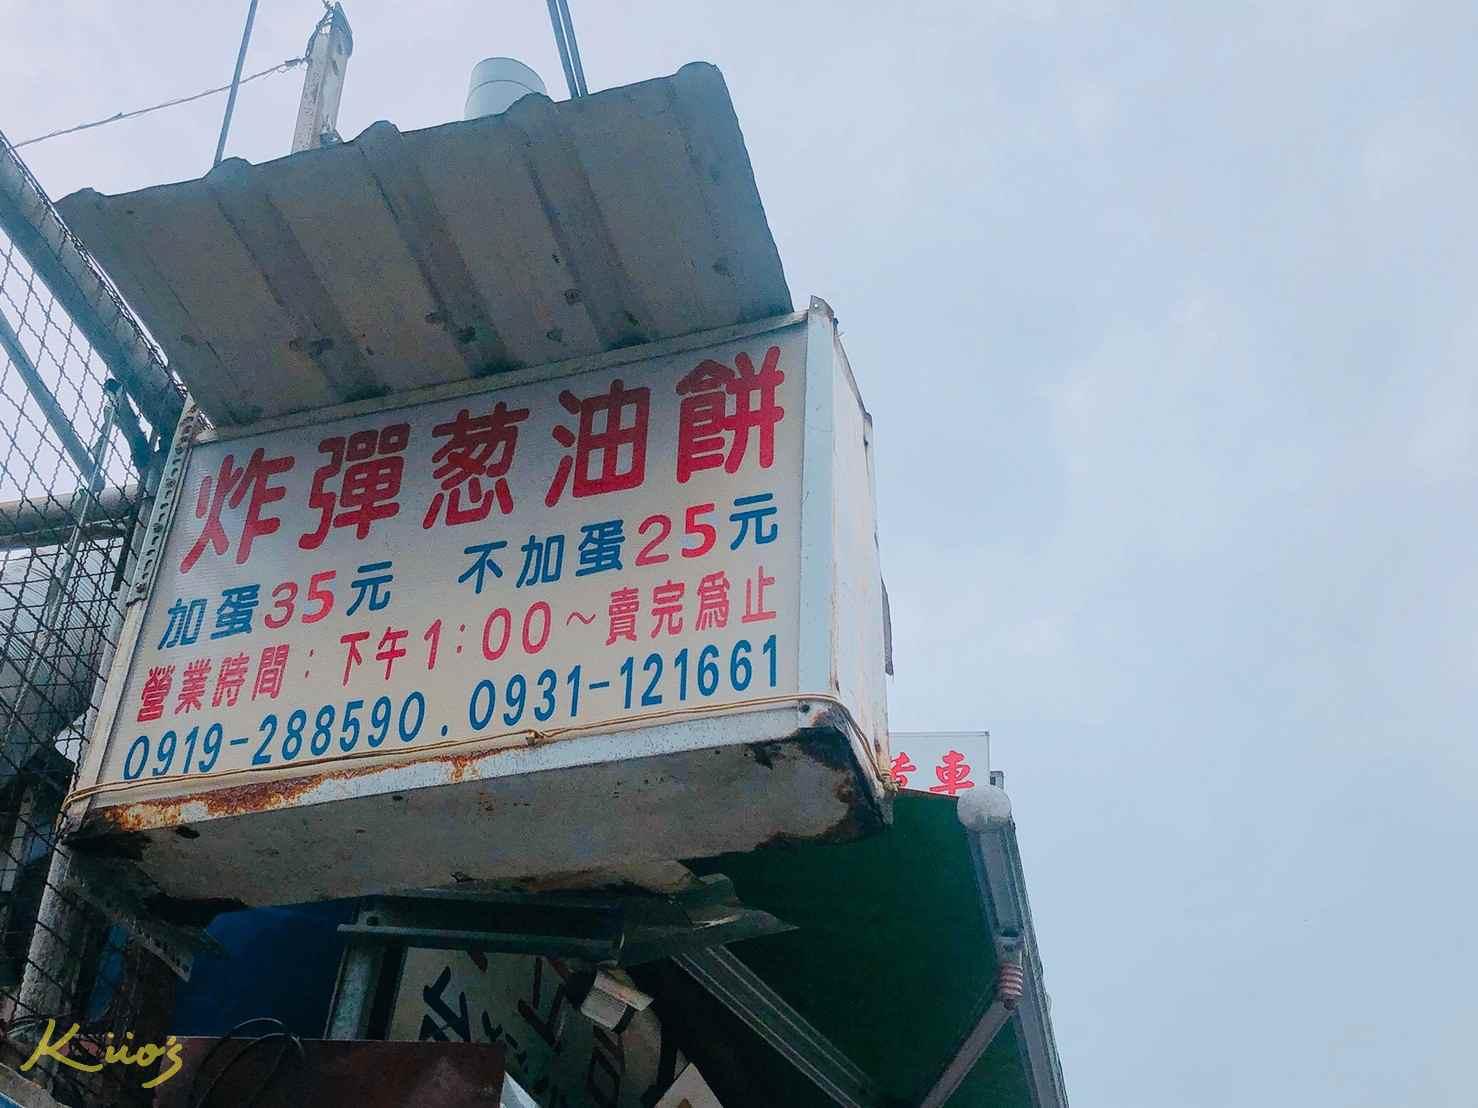 【花蓮排隊美食PK】黃車炸彈蔥油餅VS藍車老牌炸蛋蔥油餅,到底誰美味?